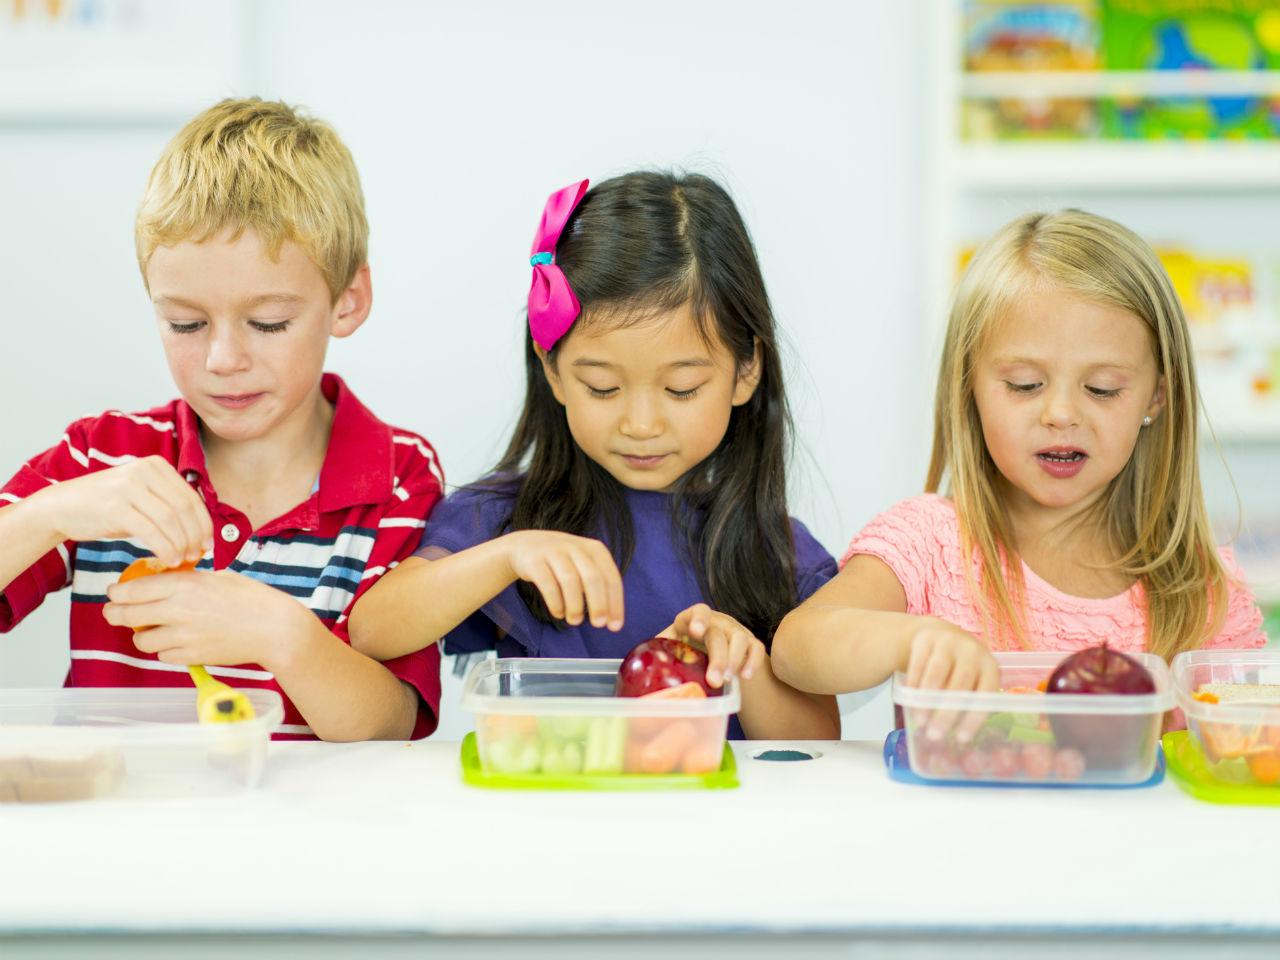 Hoa quả là một trong các chủ đề phổ biến với trẻ em ở lứa tuổi mầm non